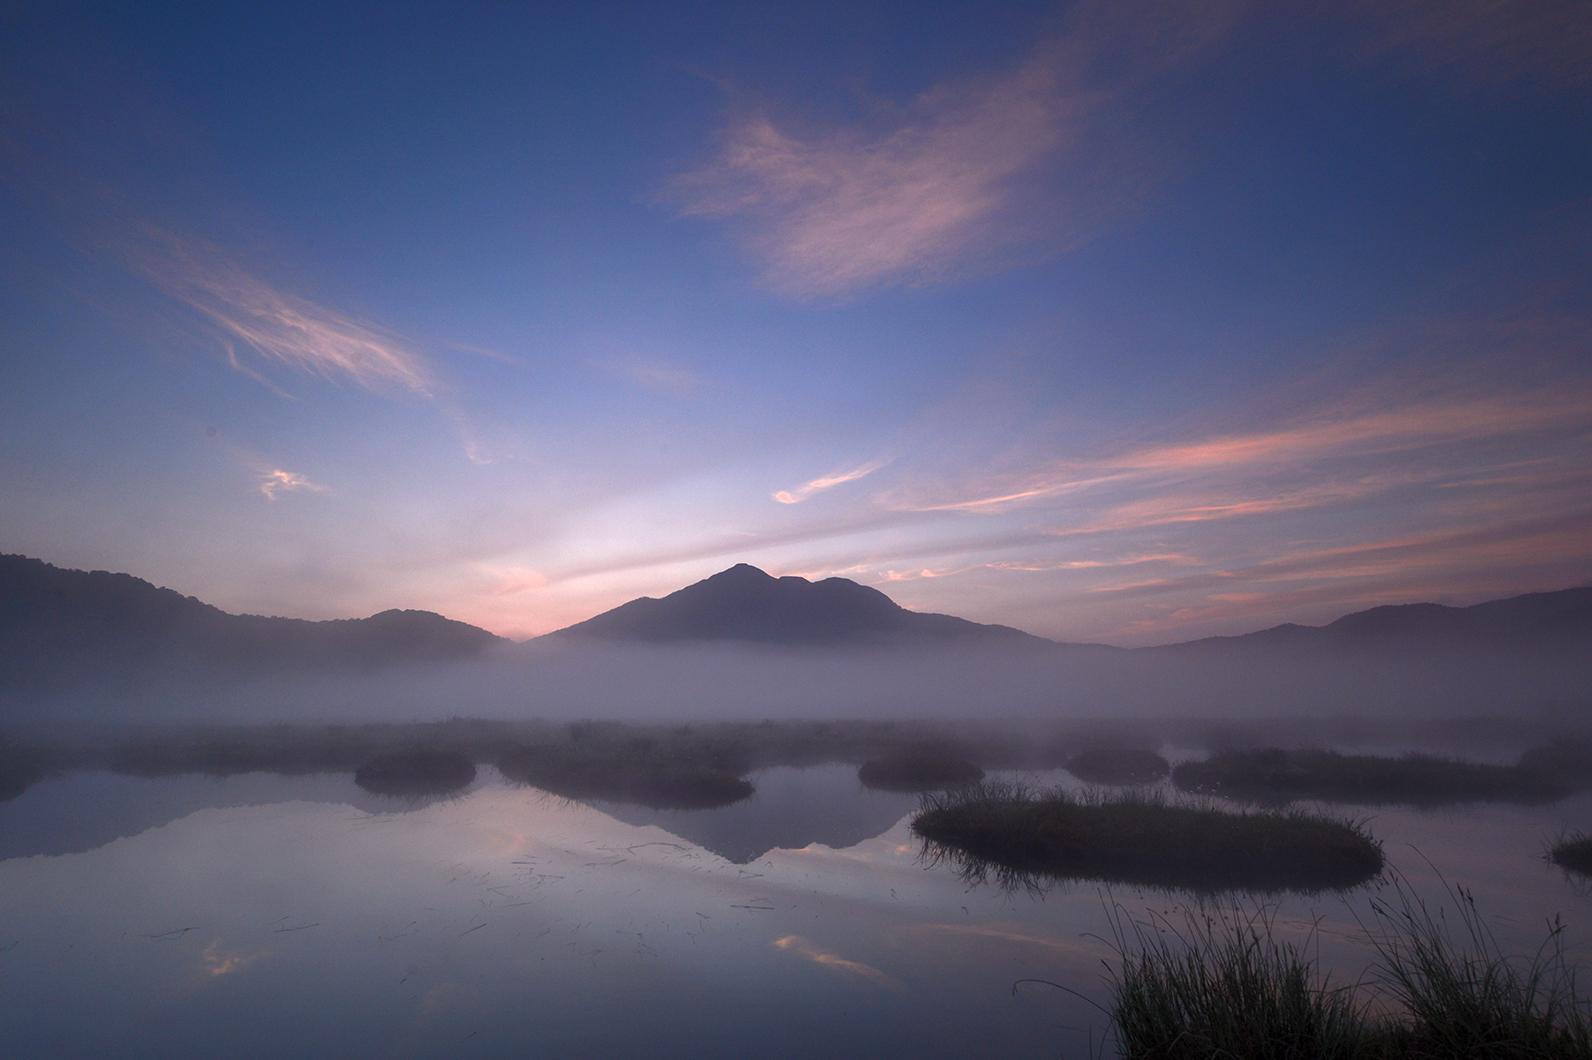 好きな写真の「撮り方」レシピ - 早朝の湿原 | Enjoyニコン | ニコン ...